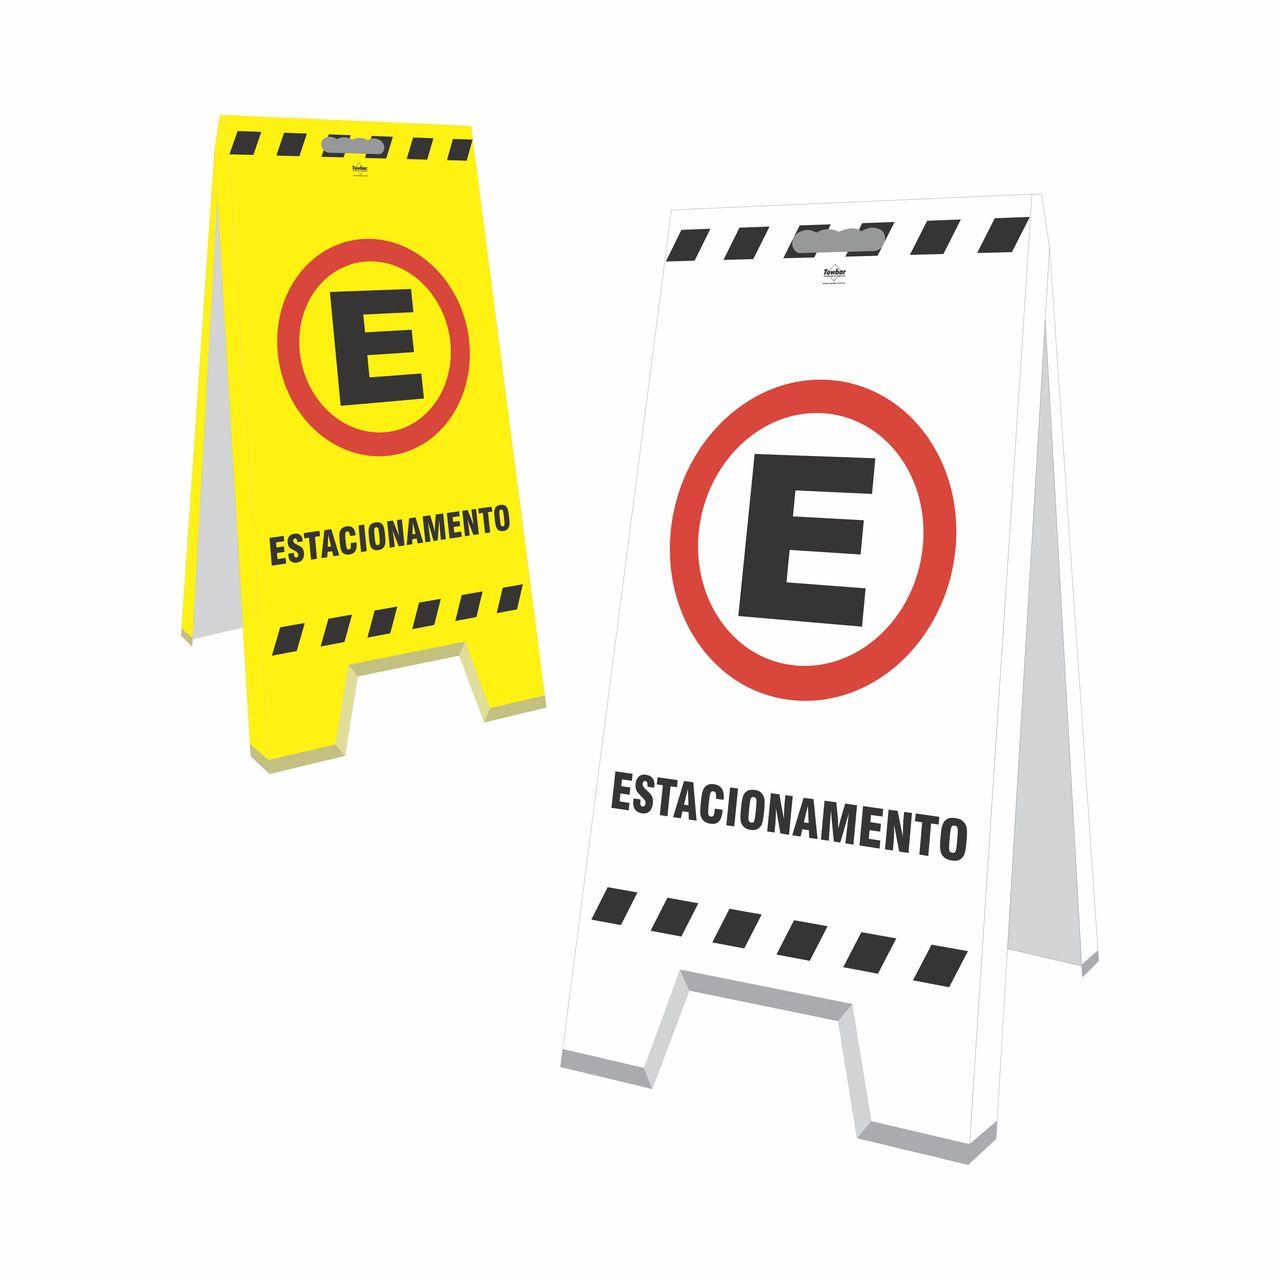 Cavalete - Estacionamento  - Towbar Sinalização de Segurança